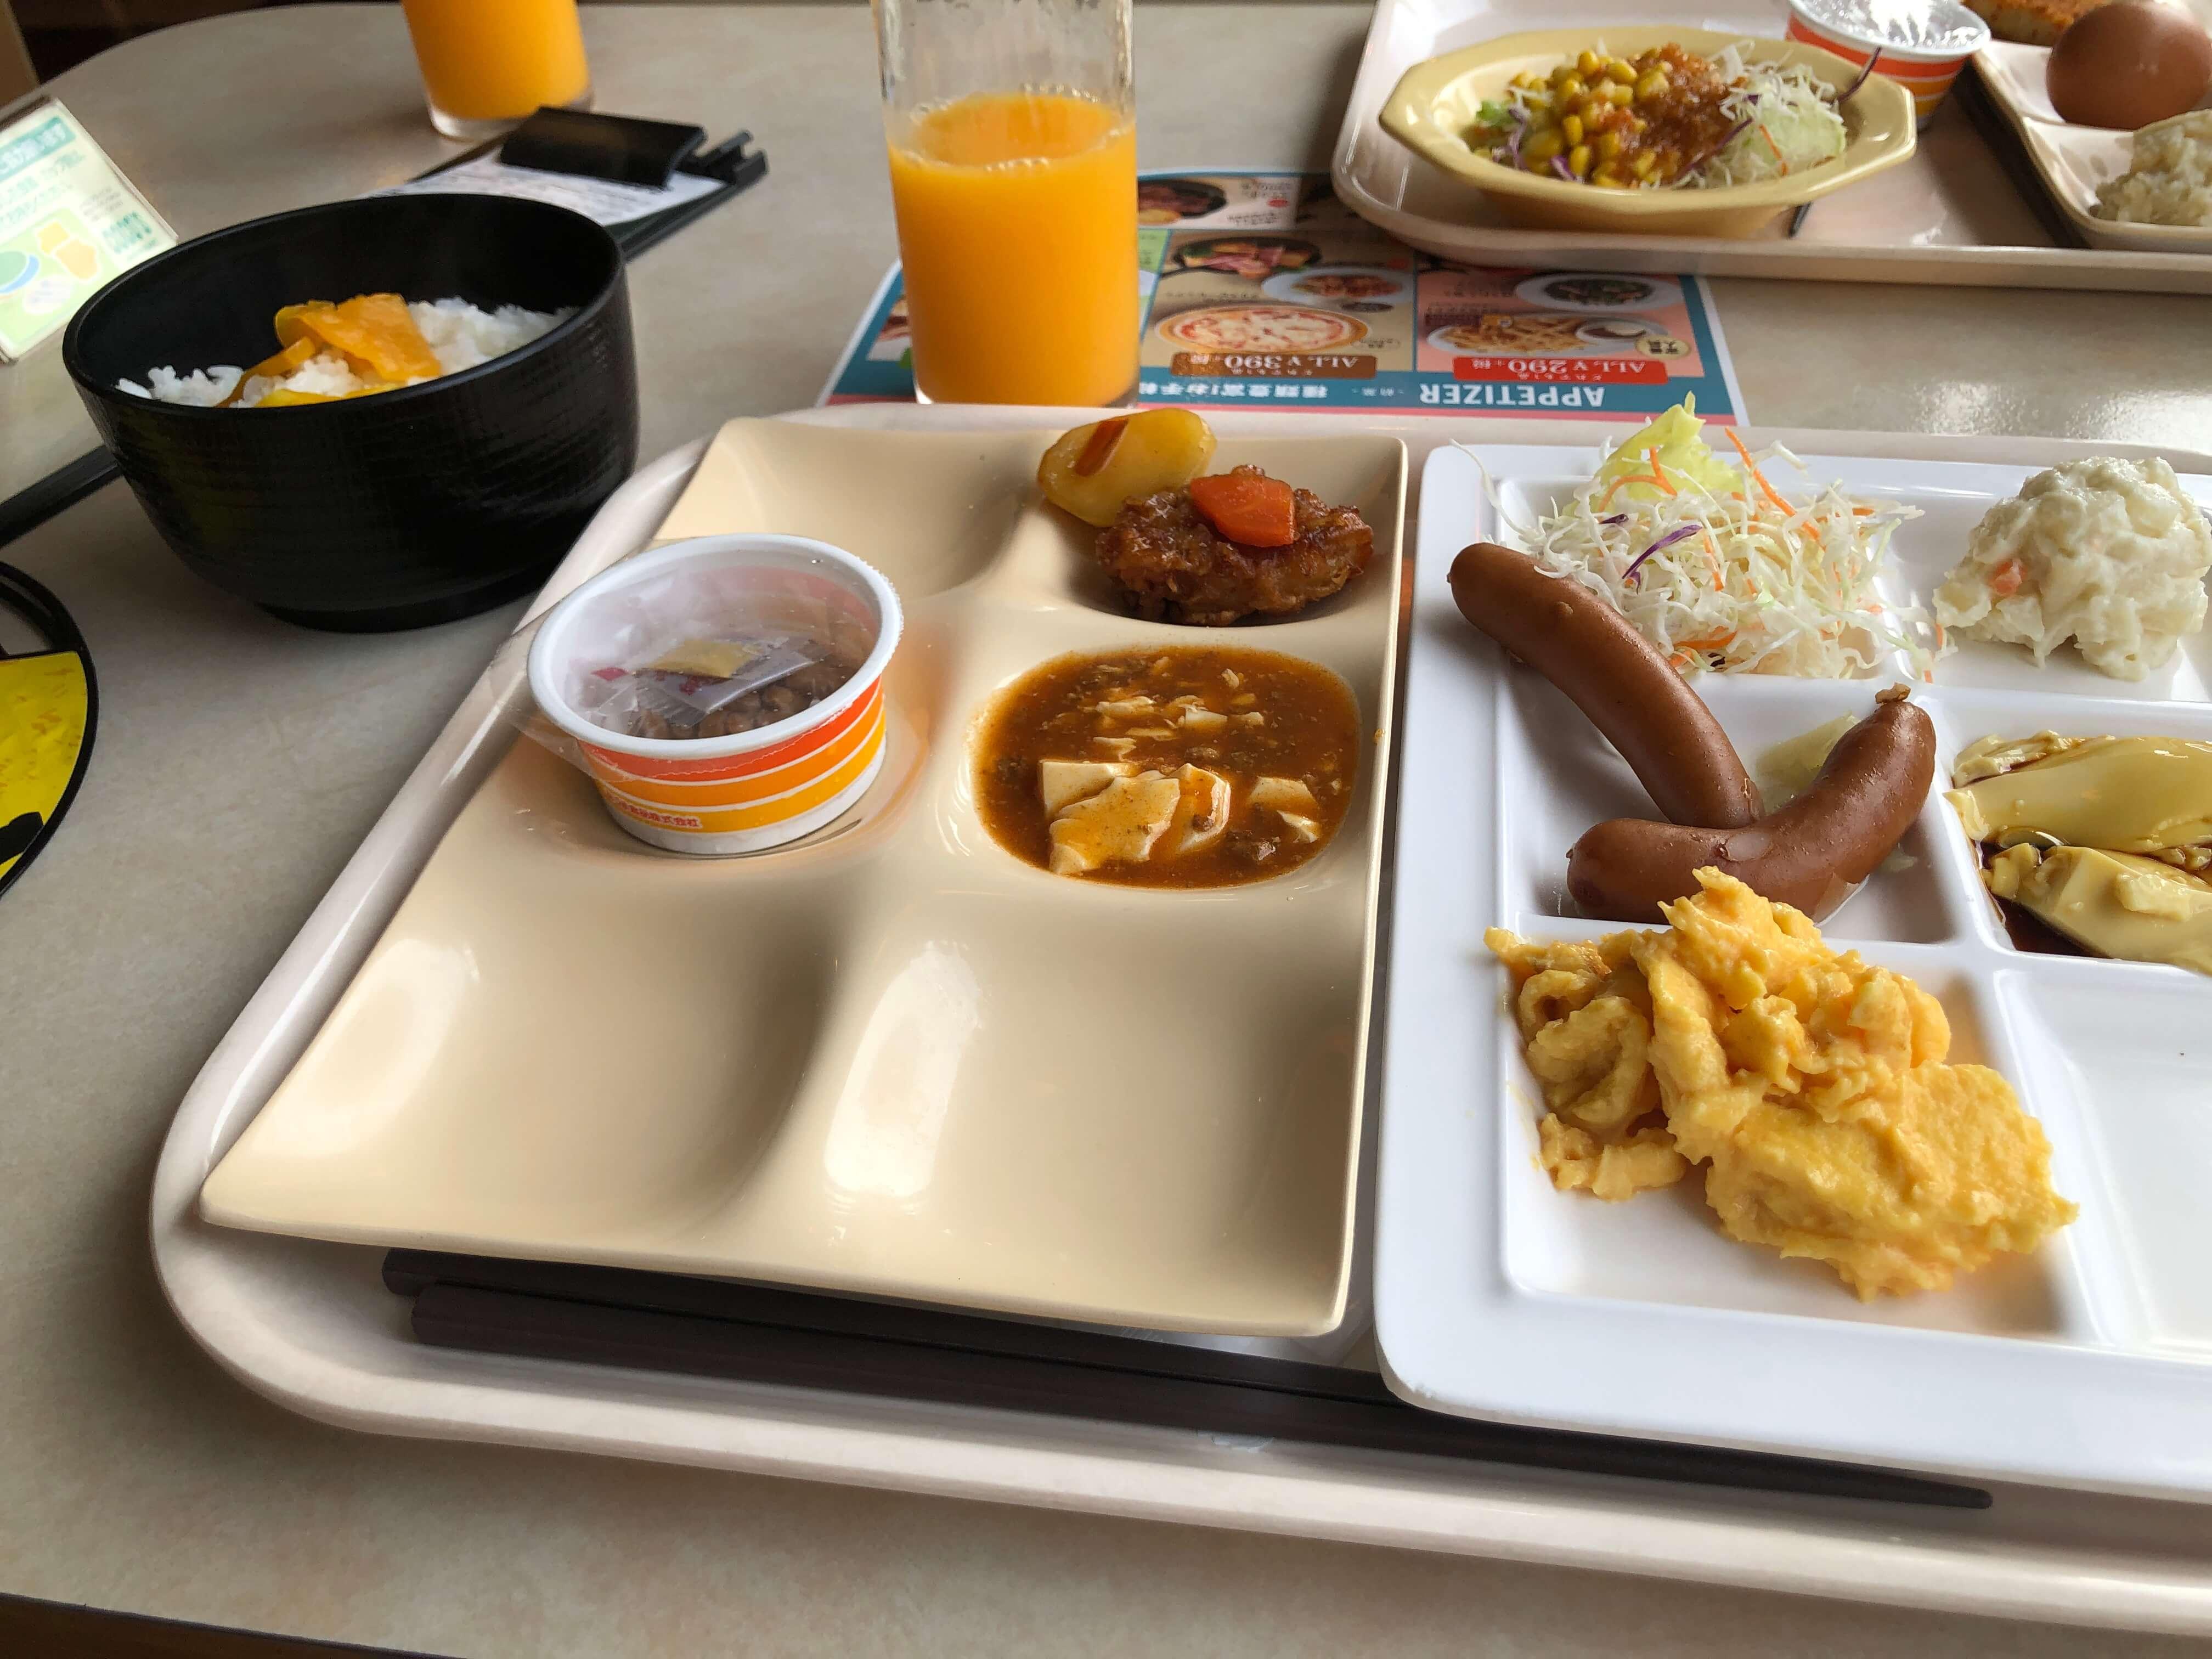 ココスの朝食バイキングに行ってきたよ!時間の余裕もあり快適な朝だった!